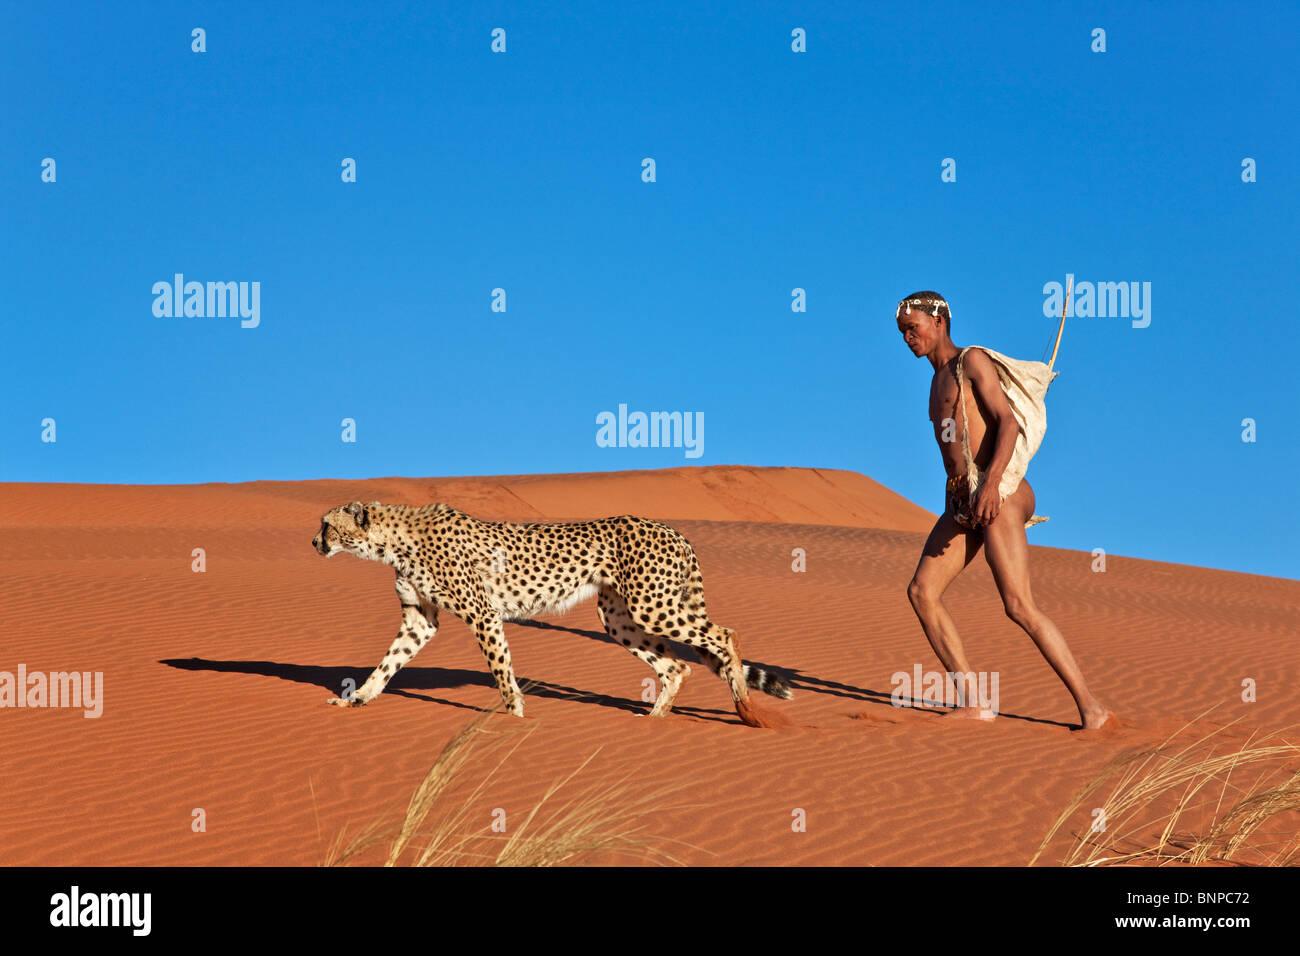 San-Jäger bewaffnet mit traditionellen Bogen und Pfeil mit Gepard Stockfoto